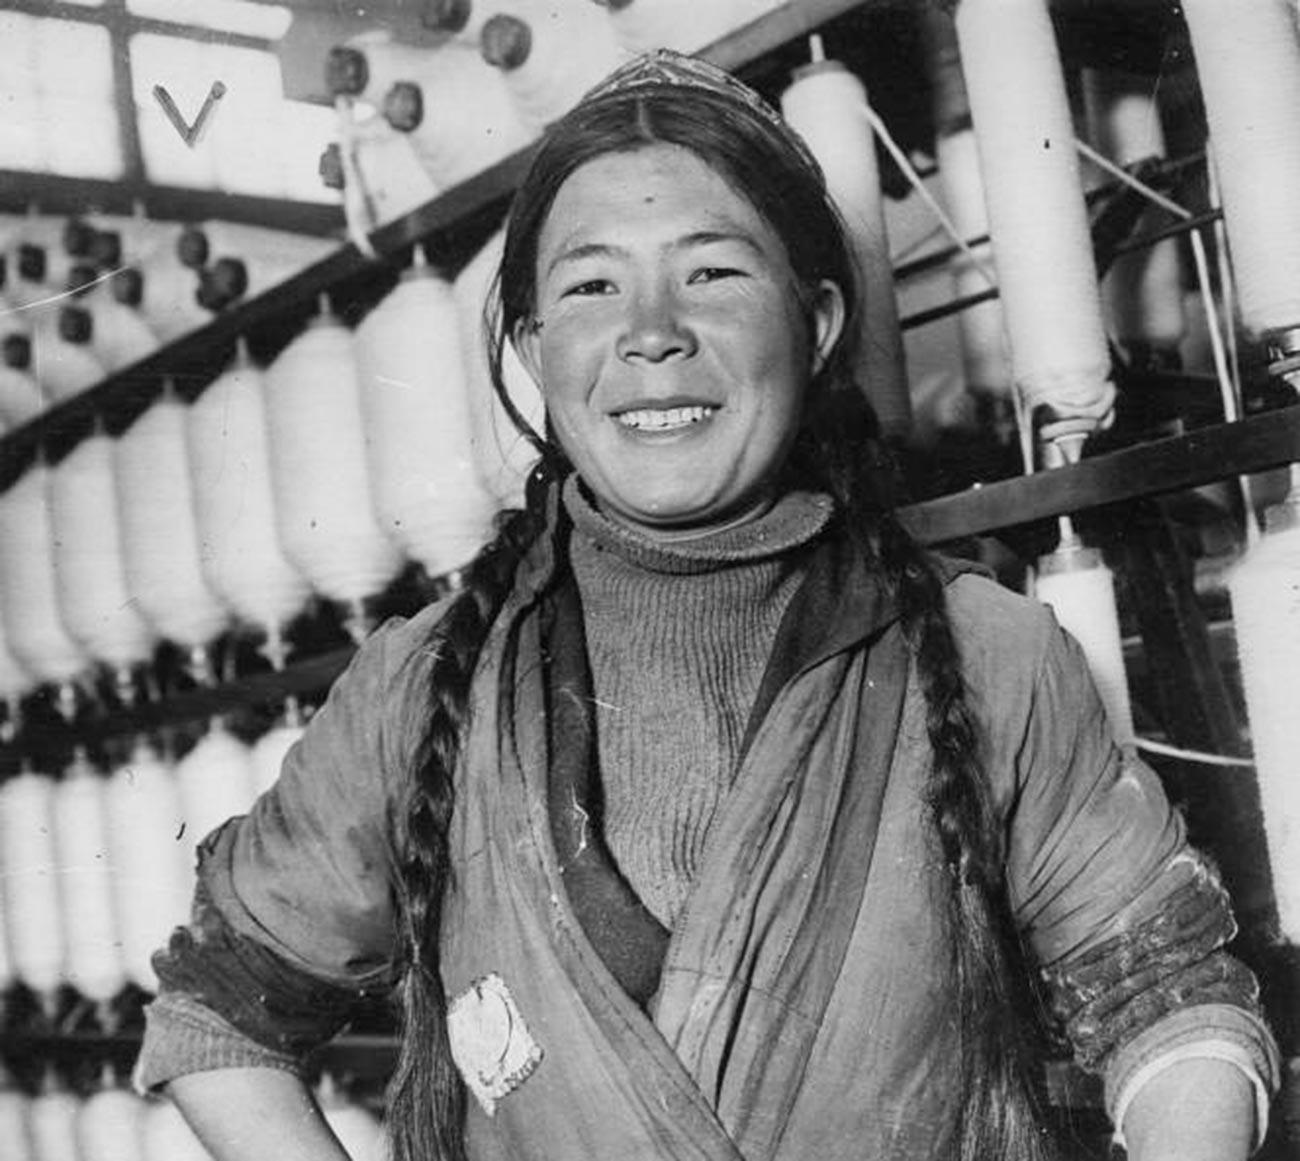 タジキスタンのスタハノフ運動者、ゲムリン・ゲレジエワ。1936年。